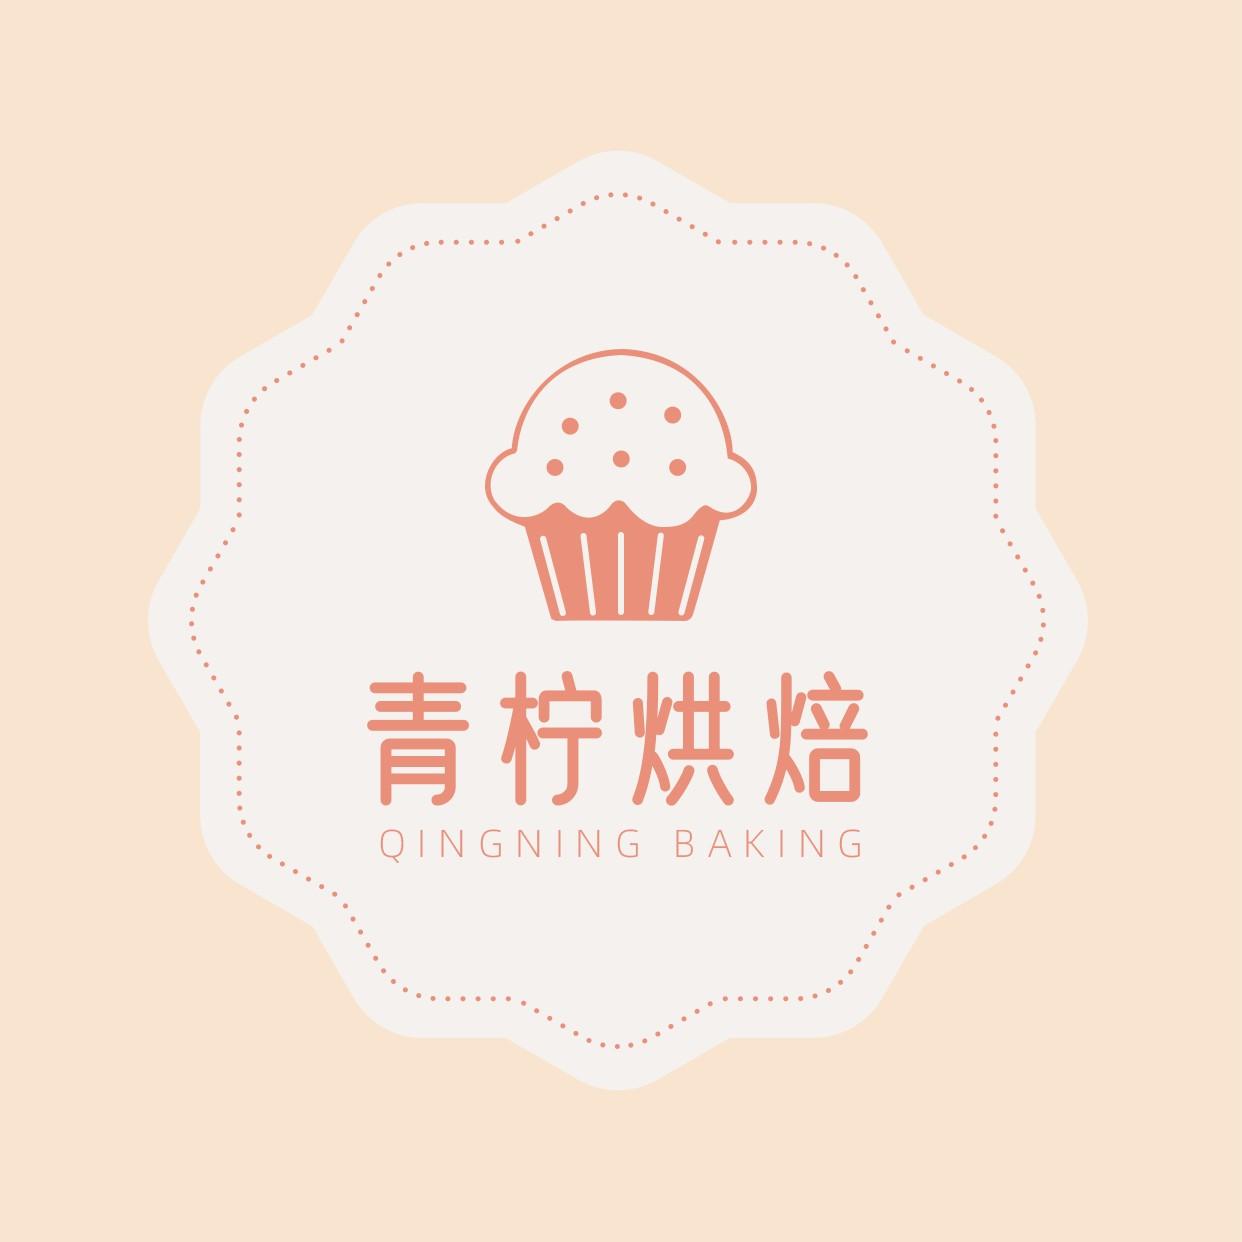 可爱餐饮美食蛋糕LOGO